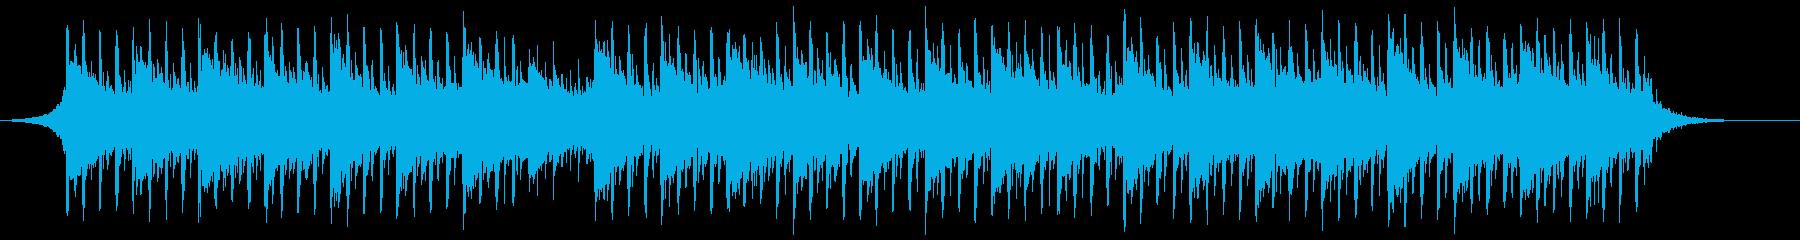 最小テクノロジー(60秒)の再生済みの波形